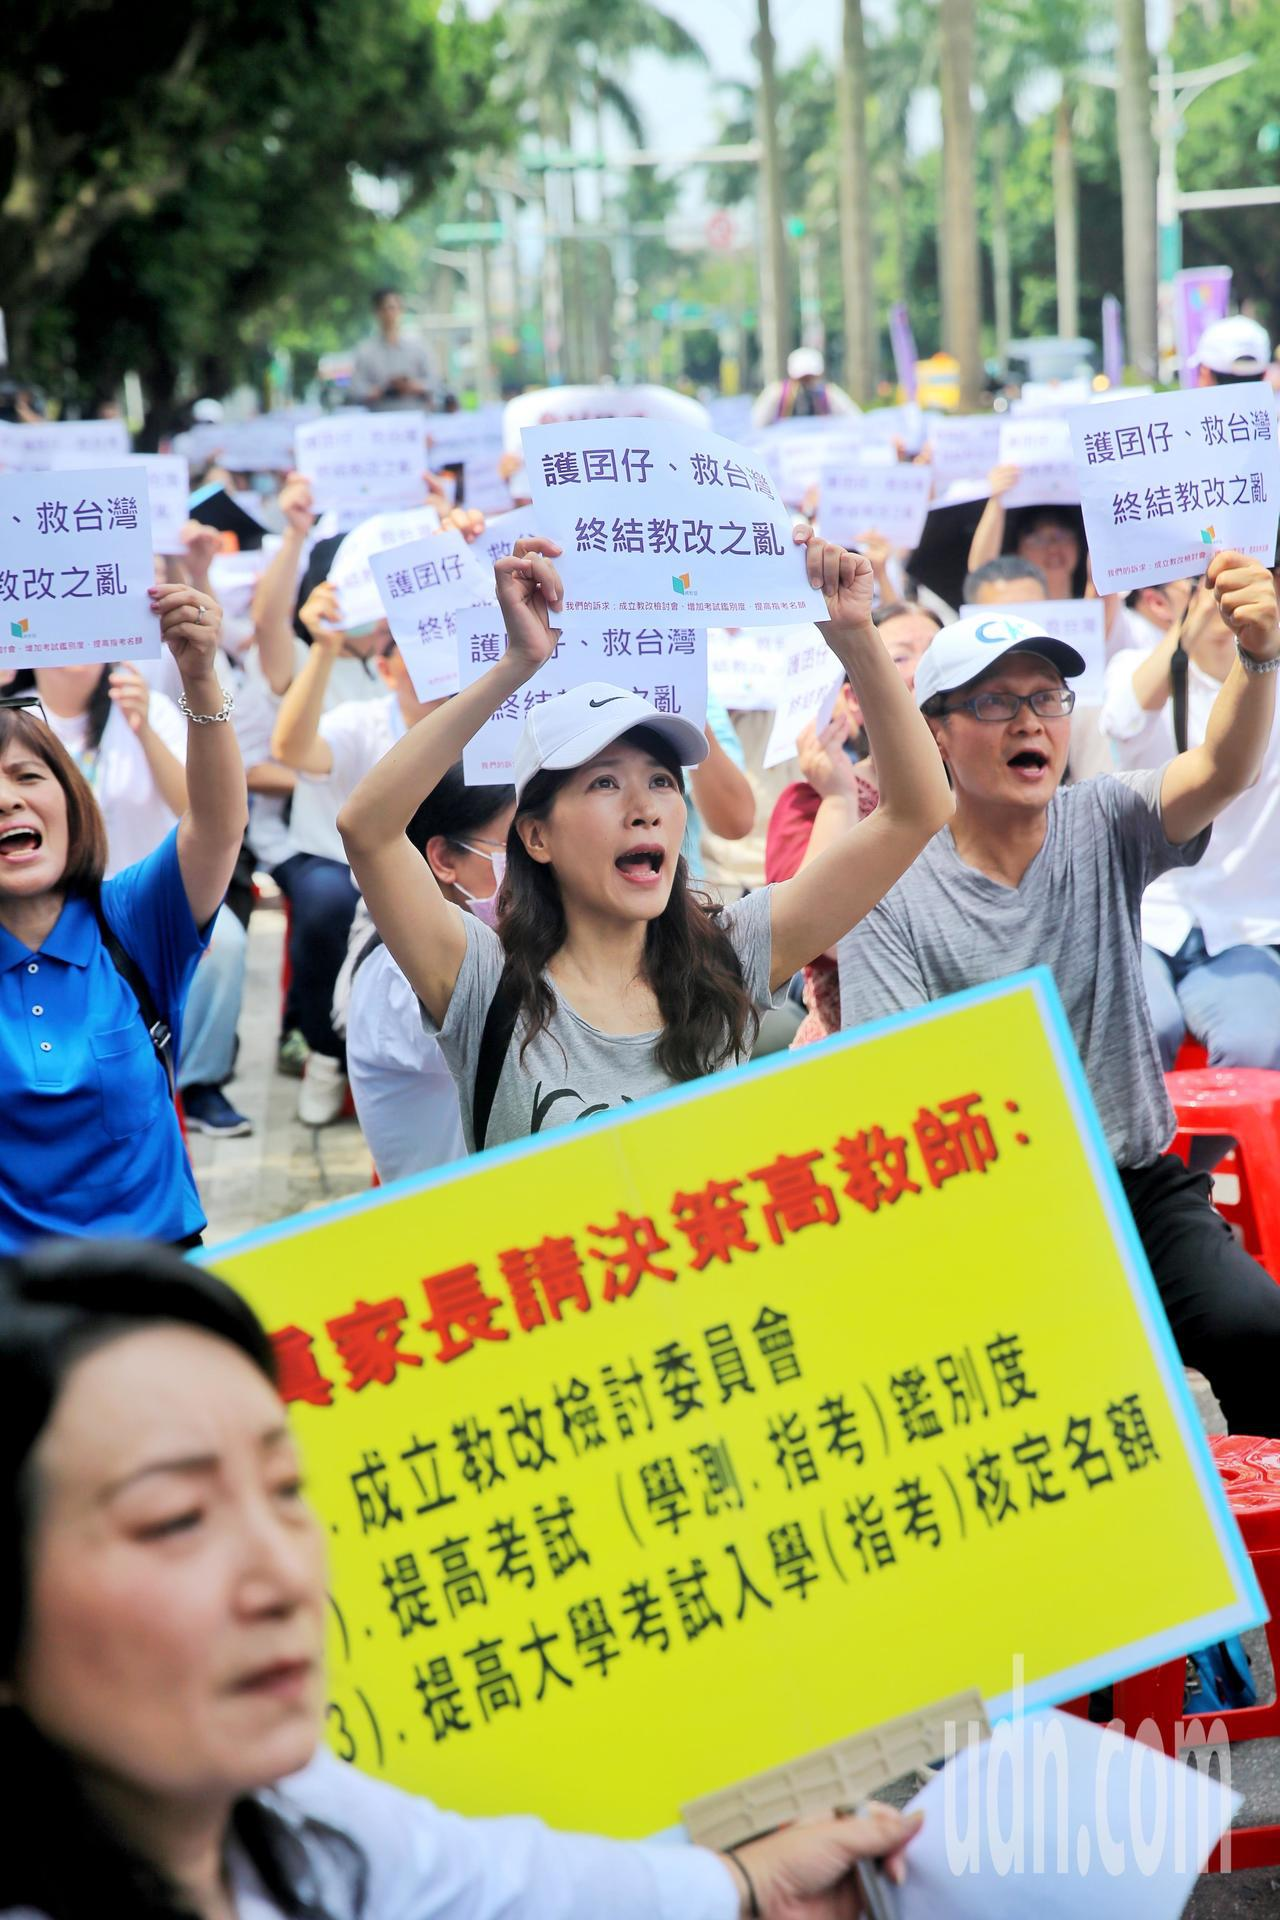 國教行動聯盟上午在教育部前舉行「護囝仔、救台灣、終結教改之亂」活動,針對大學考招...